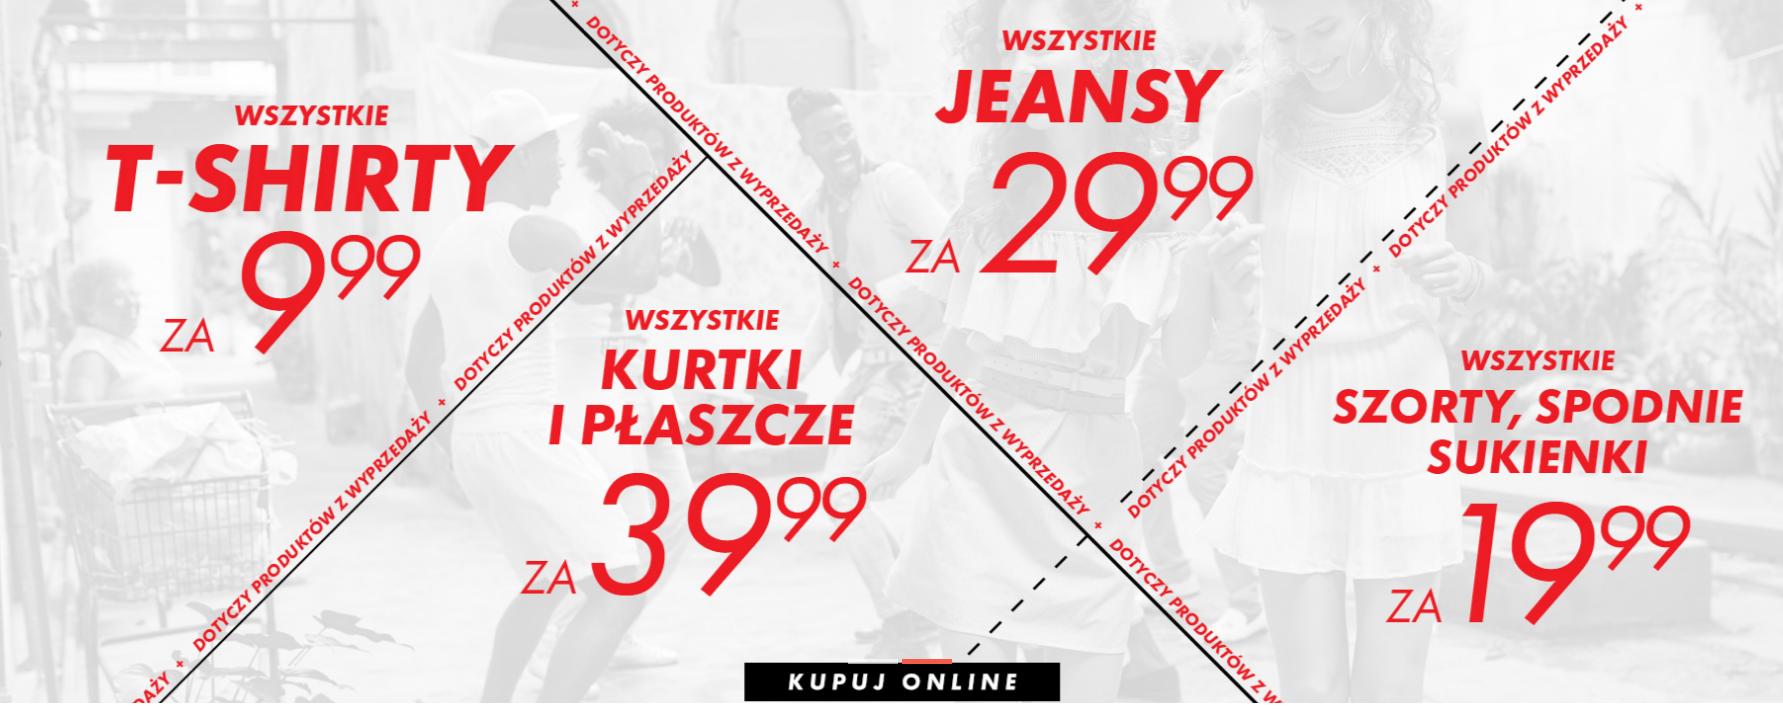 Sinsay:  shirty za 9,99 zł,  szorty, spodnie, sukienki za 19,99 zł, jeansy za 29,99 zł i  kurtki za 39,99 zł                         title=